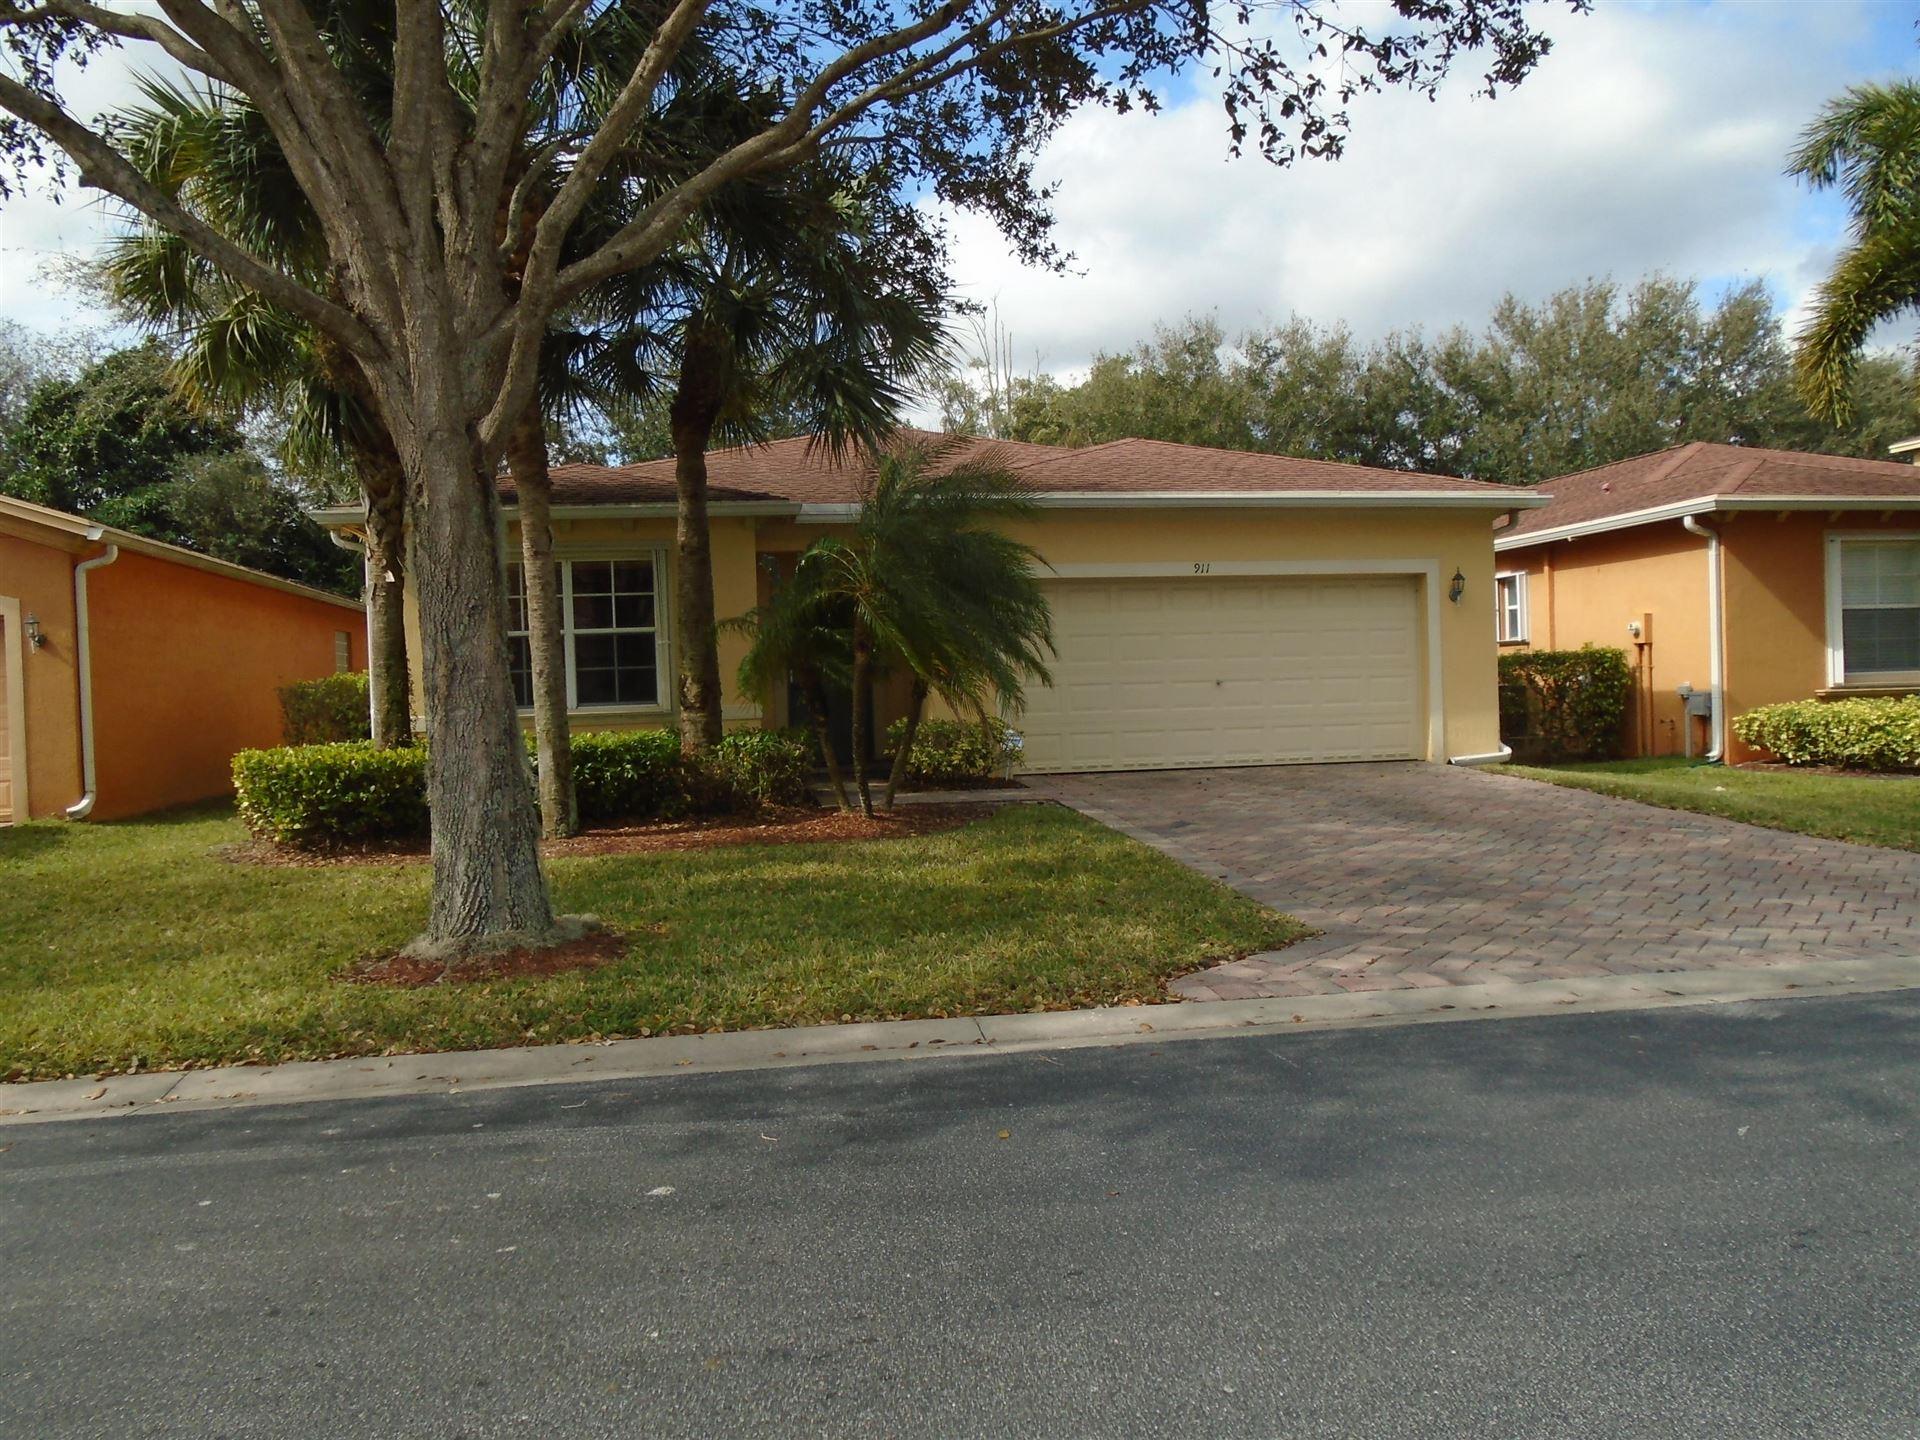 911 Fieldstone Way, West Palm Beach, FL 33413 - #: RX-10685478